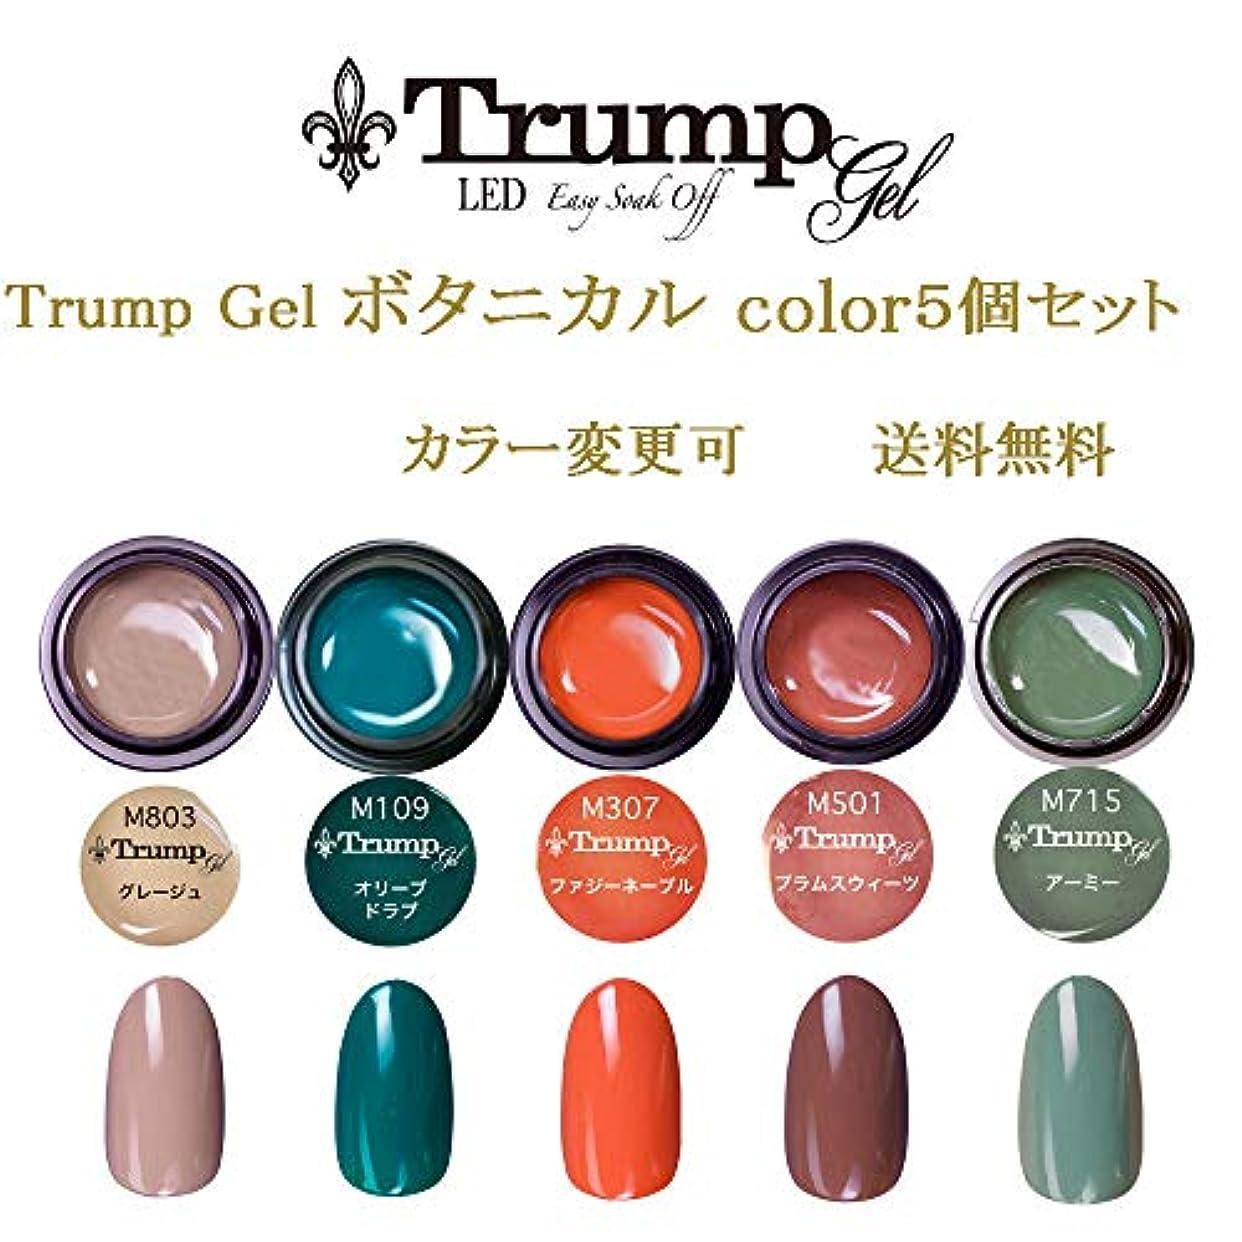 石化するうまくいけばそれら日本製 Trump gel トランプジェル ボタニカルカラー 選べる カラージェル 5個セット カーキー ベージュ グリーン